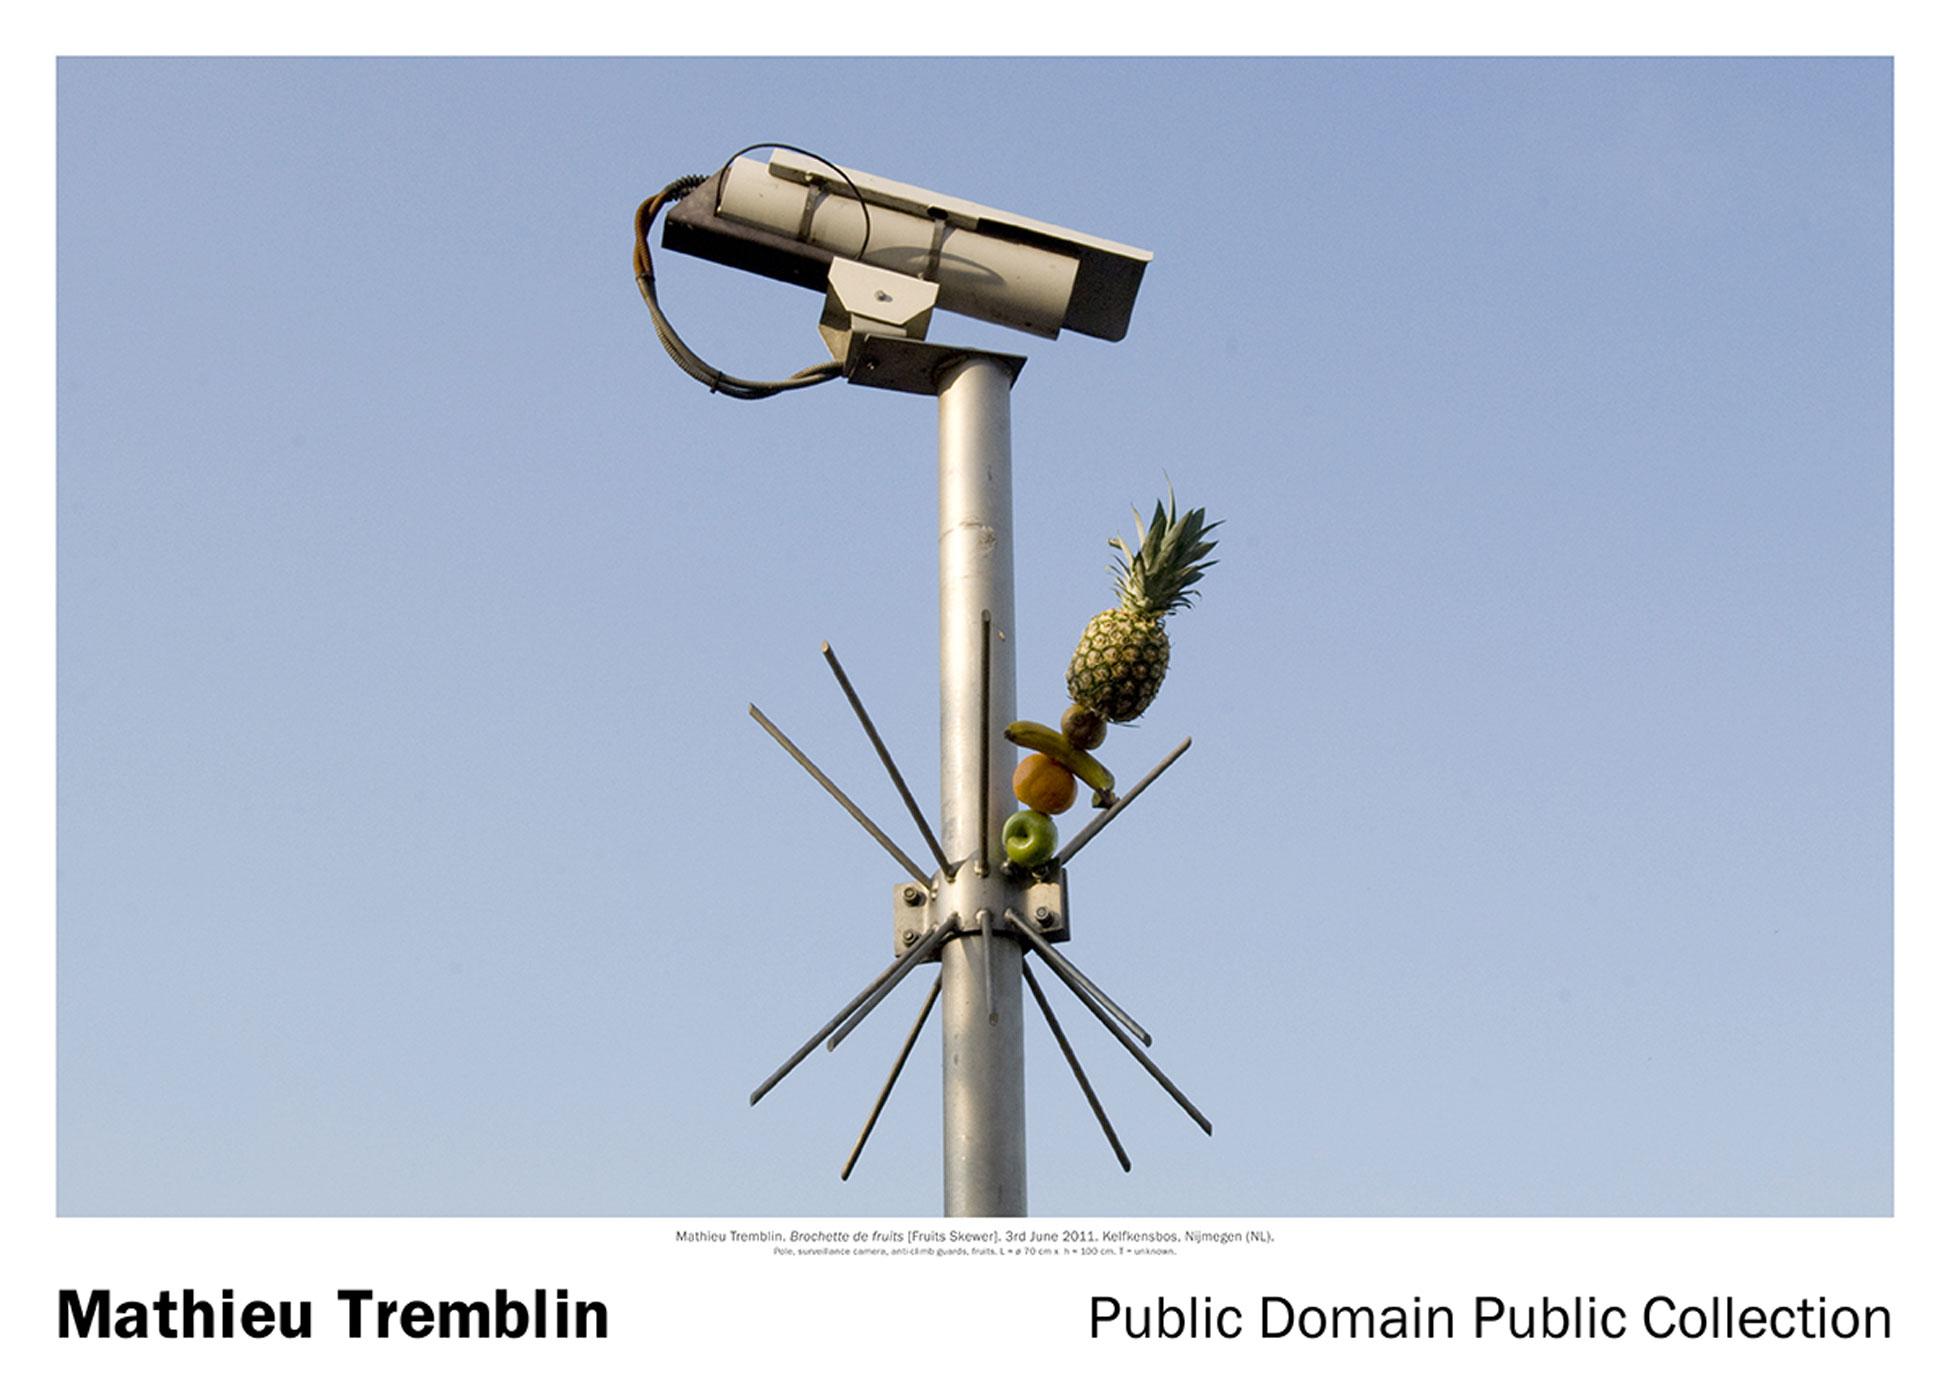 public-domain-public-mathieutremblin-1